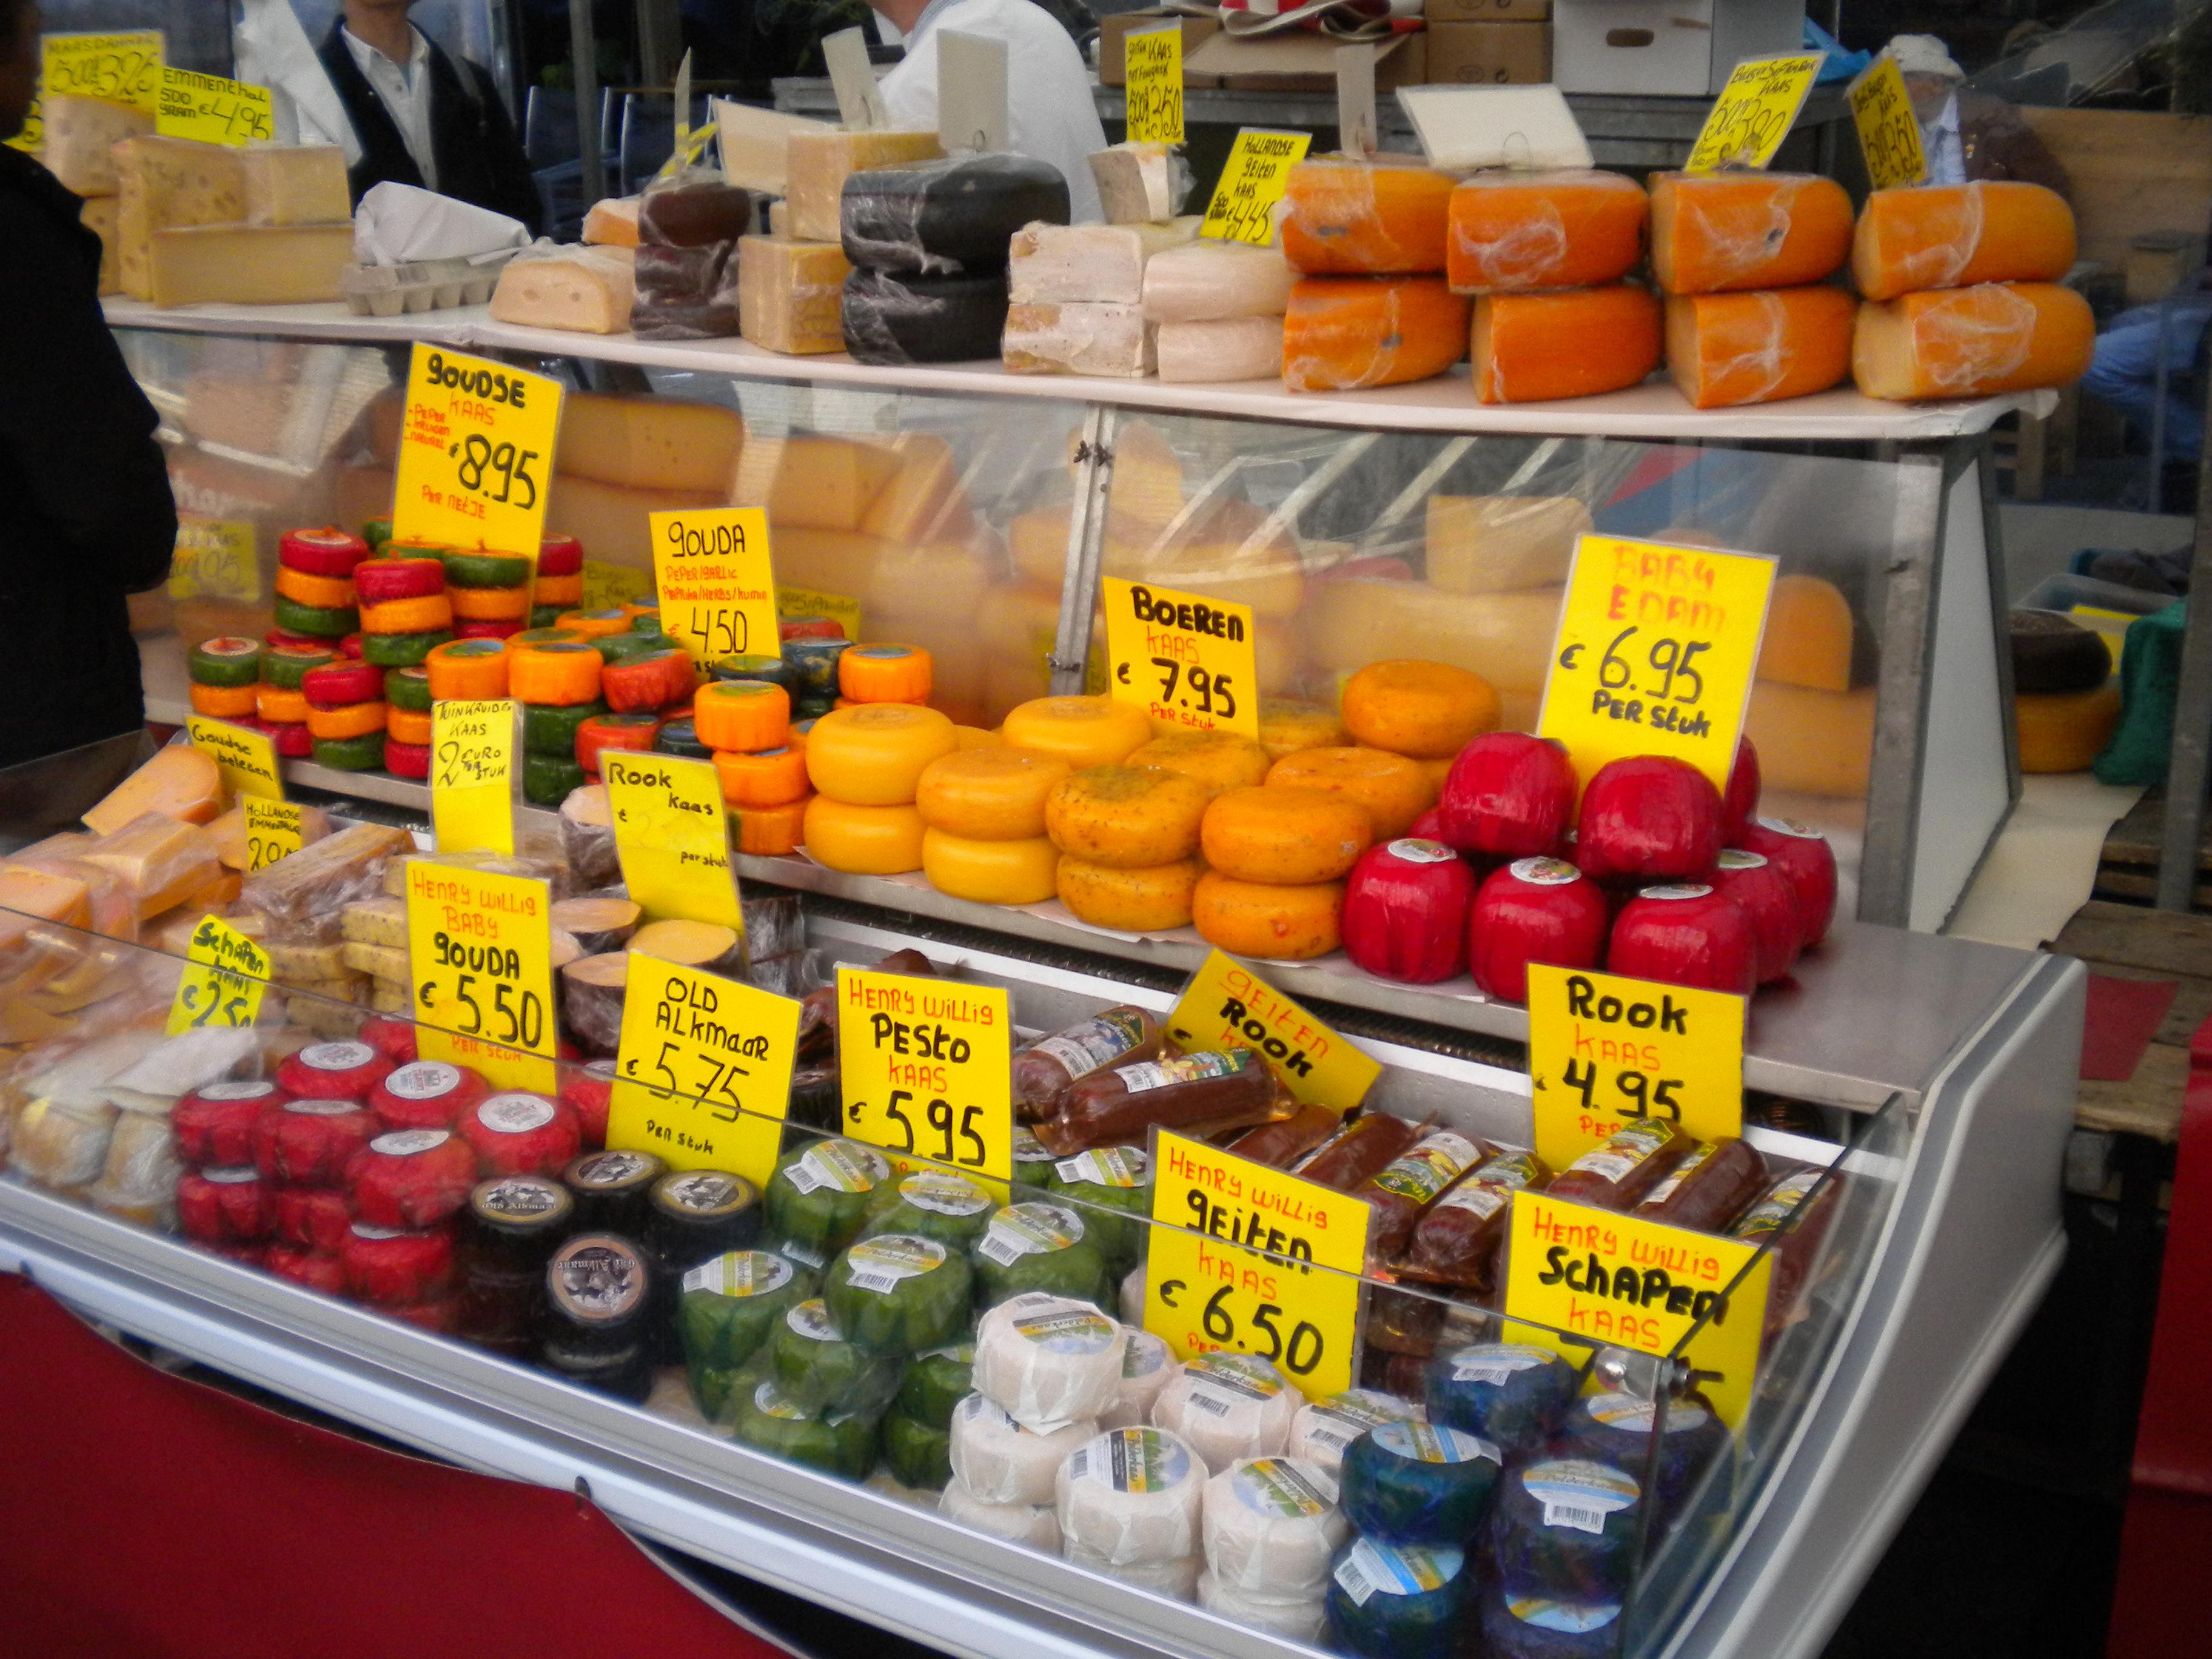 Zondag Albert Cuypmarkt Albert Cuyp Markt Cheese